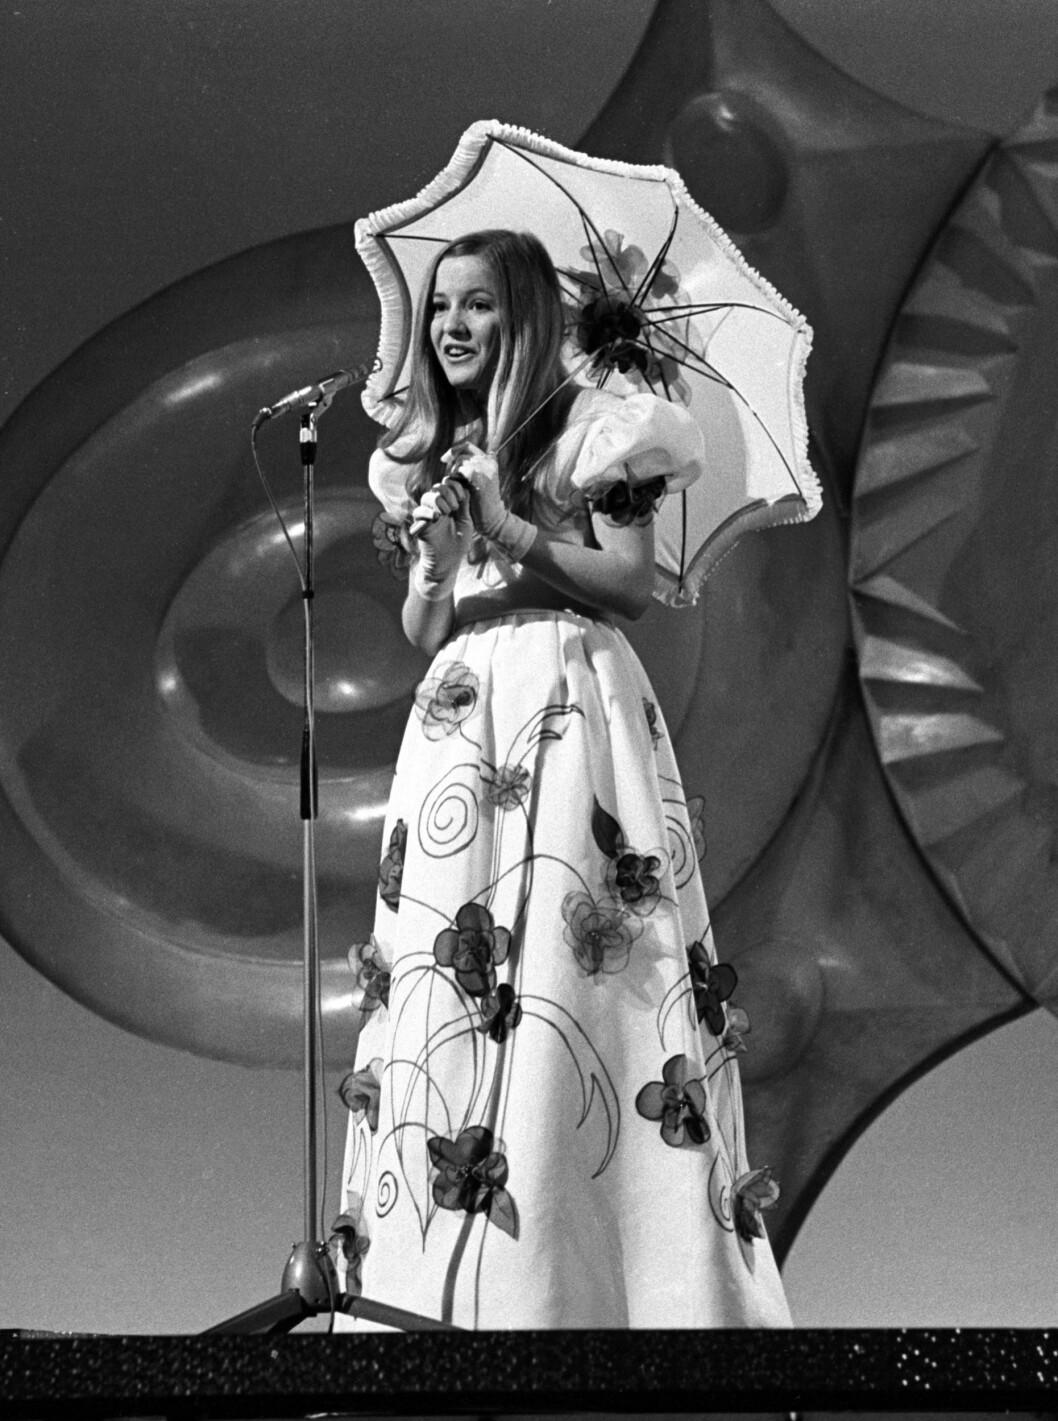 STOR OPPLEVELSE: Som 15-åring stod Hanne Krogh på scenen i Dublin og sang «Lykken er» i den internasjonale Melodi Grand Prix-finalen i 1971. Foto: NTB scanpix